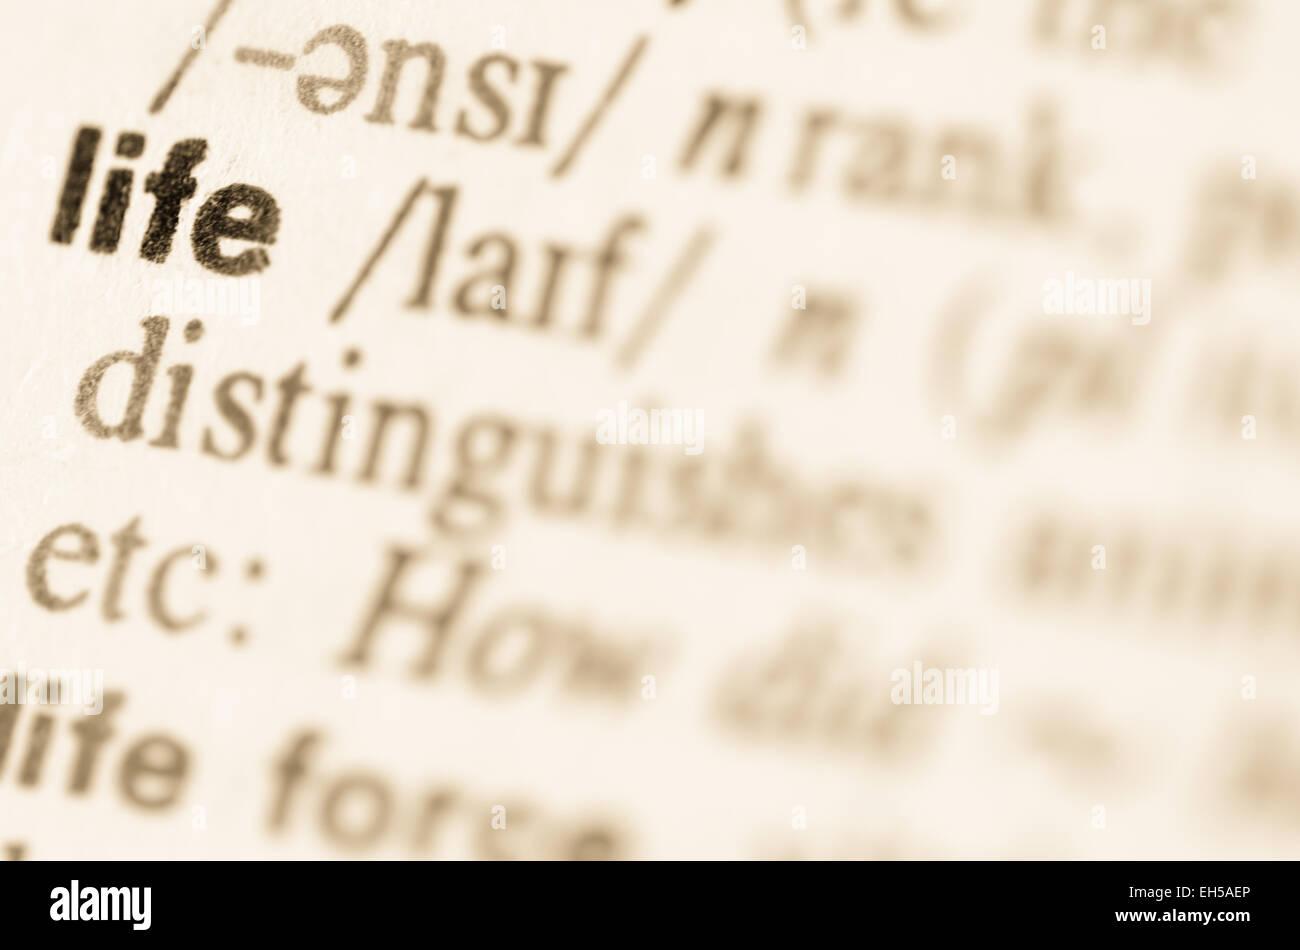 Definición de la palabra vida en el diccionario. Imagen De Stock